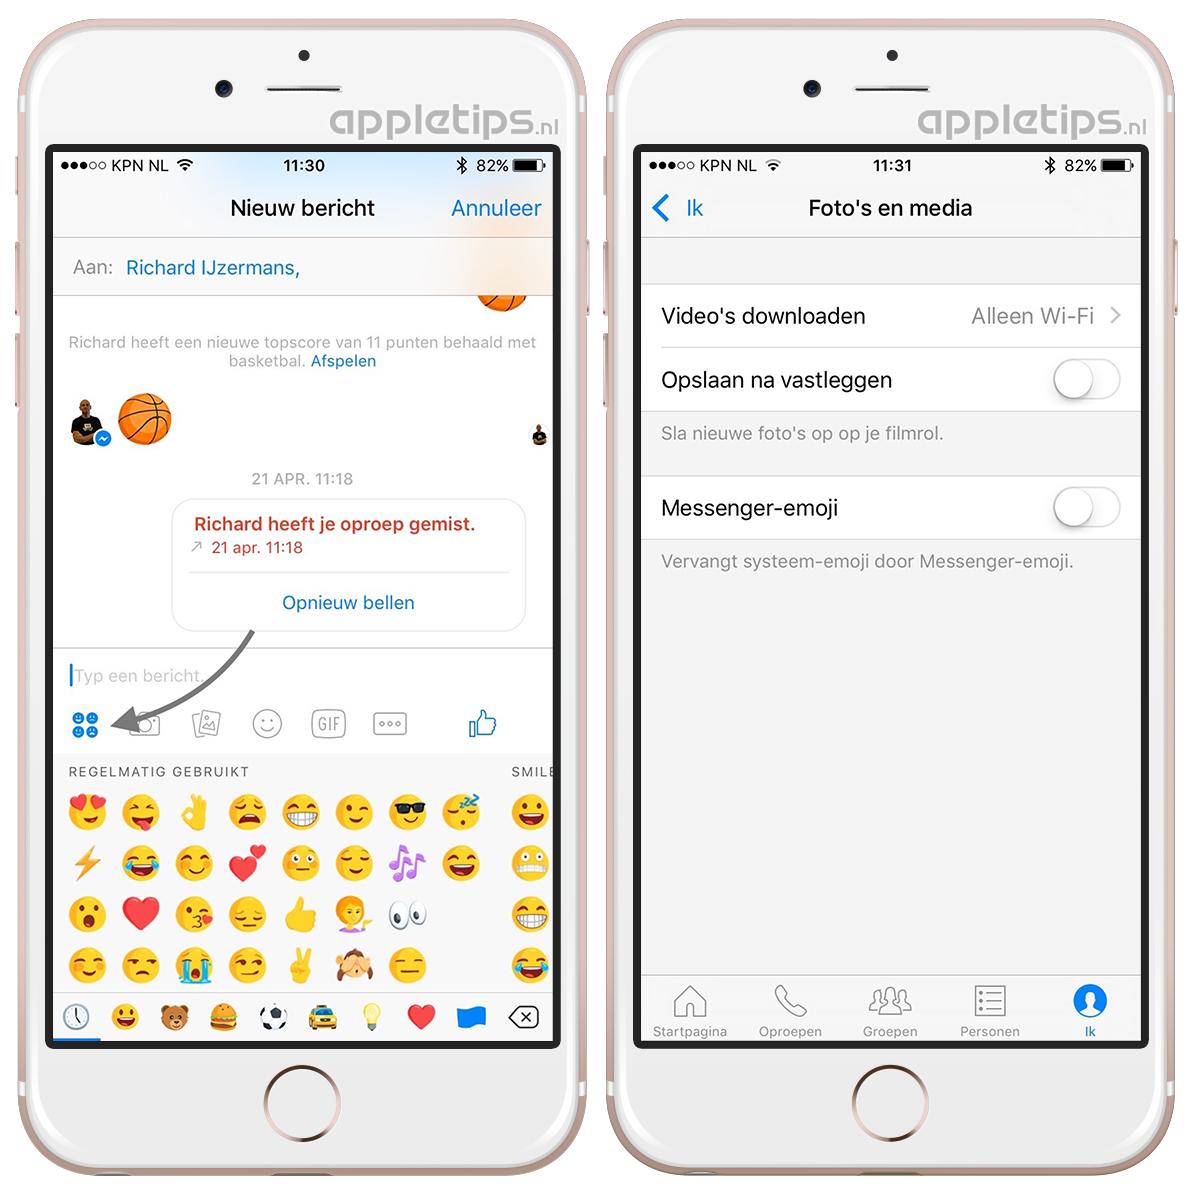 Facebook Messenger emoji's uitschakelen - appletips